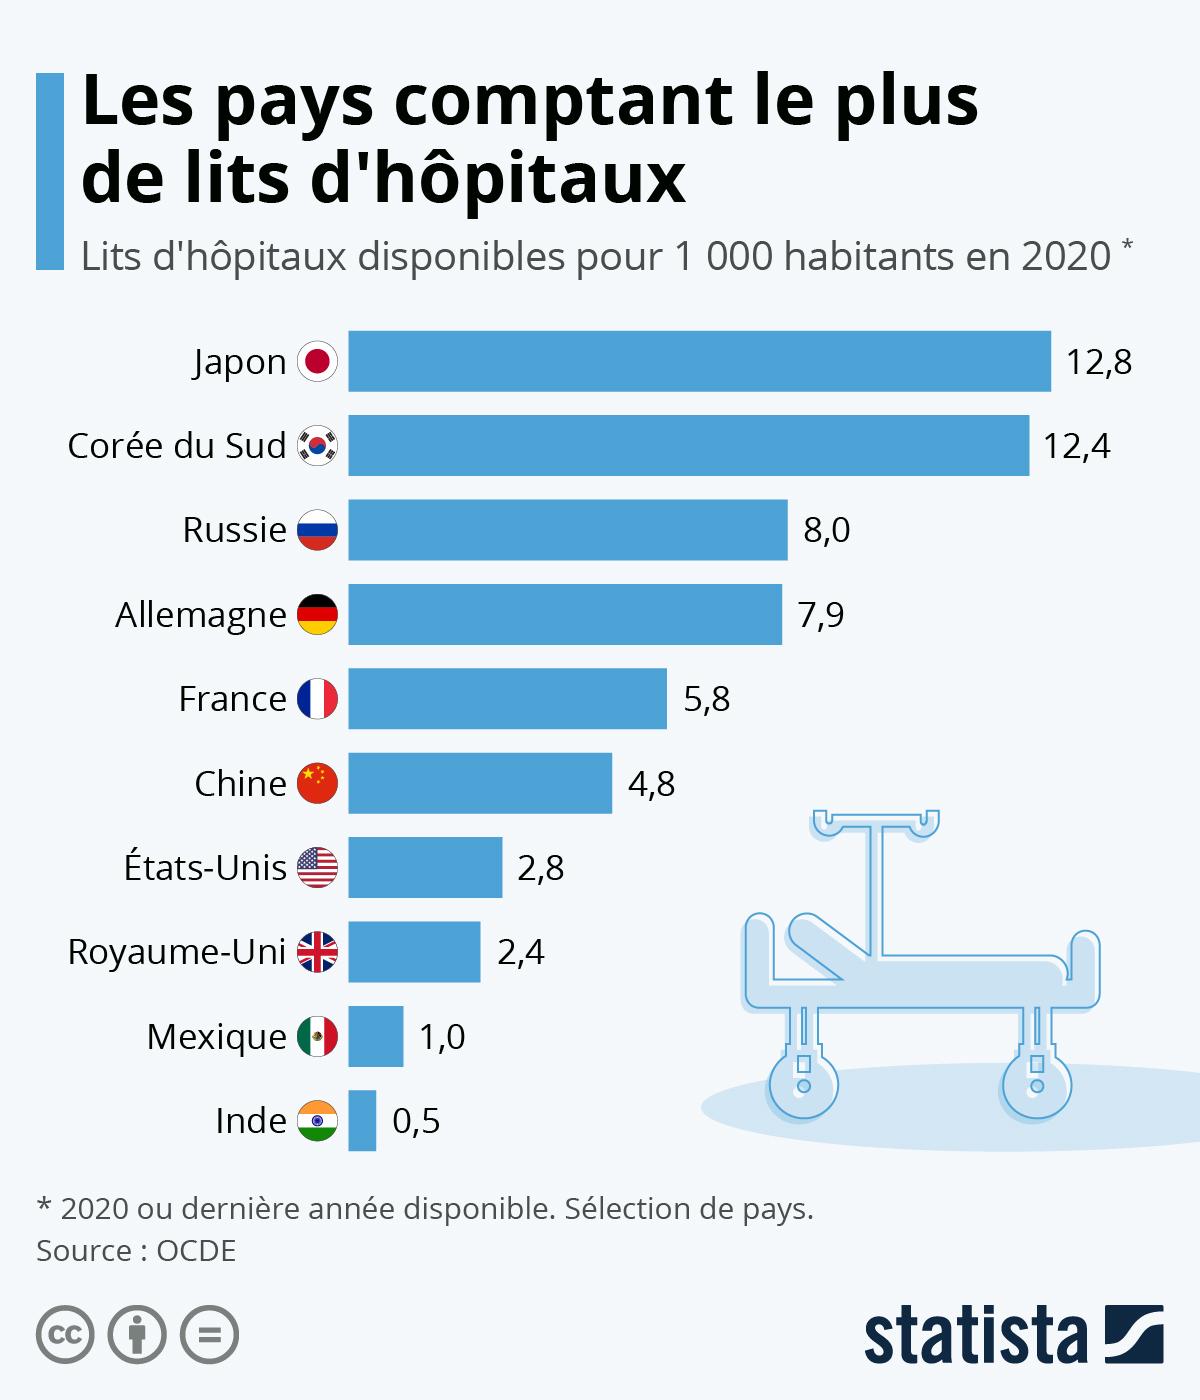 Infographie: Les pays comptant le plus de lits d'hôpitaux par habitant | Statista